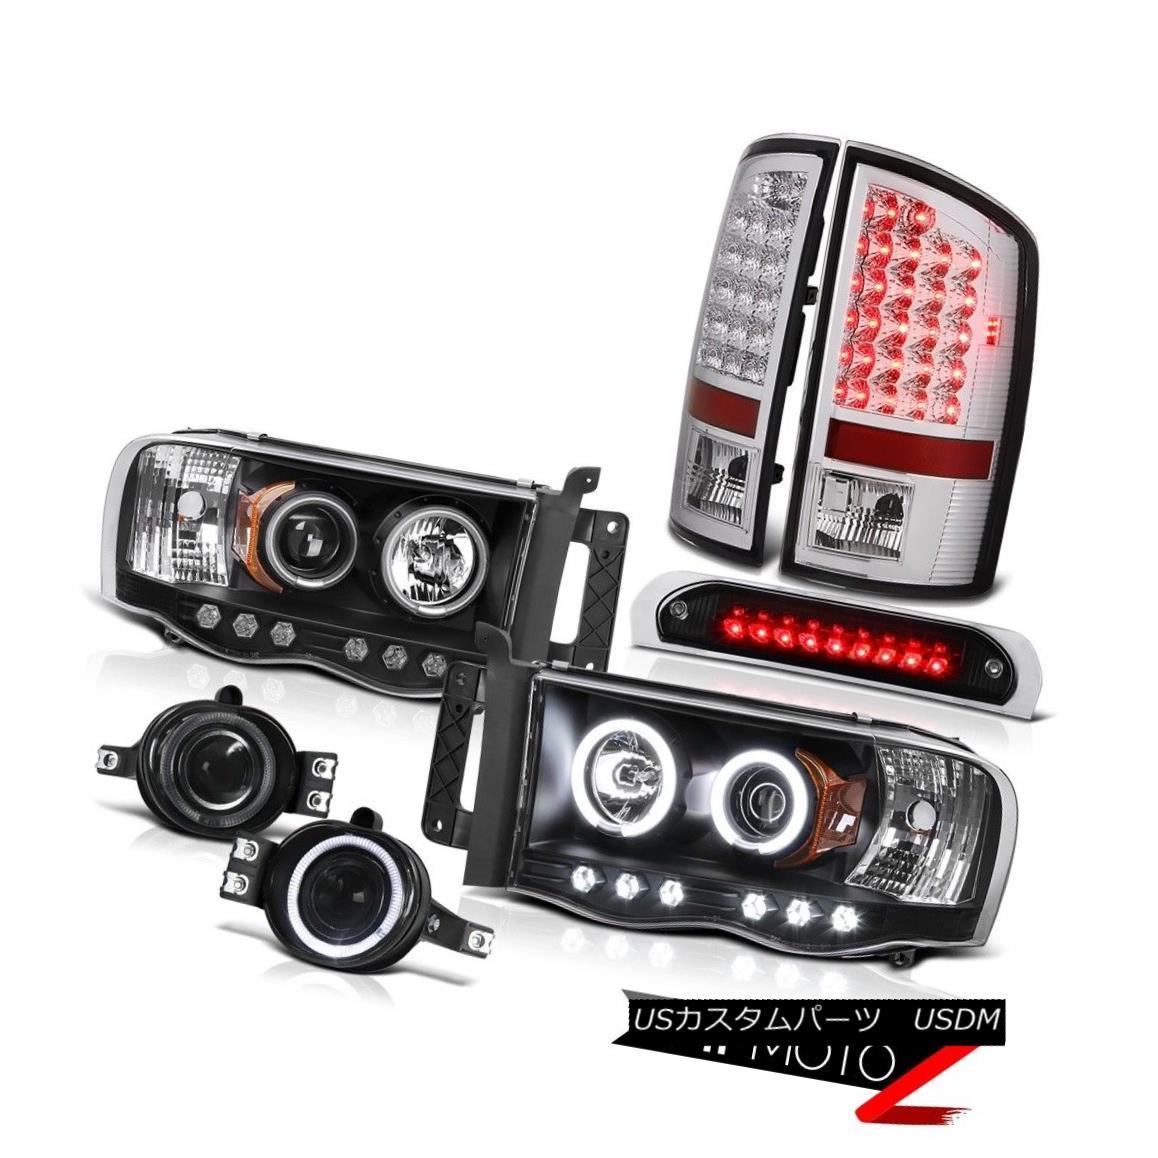 テールライト DRL CCFL Ring Headlights LED Bulb Tail Lights Bumper Fog Third 02-05 Ram 1500 DRL CCFLリングヘッドライトLED電球テールライトバンパーフォグ3rd 02-05 Ram 1500